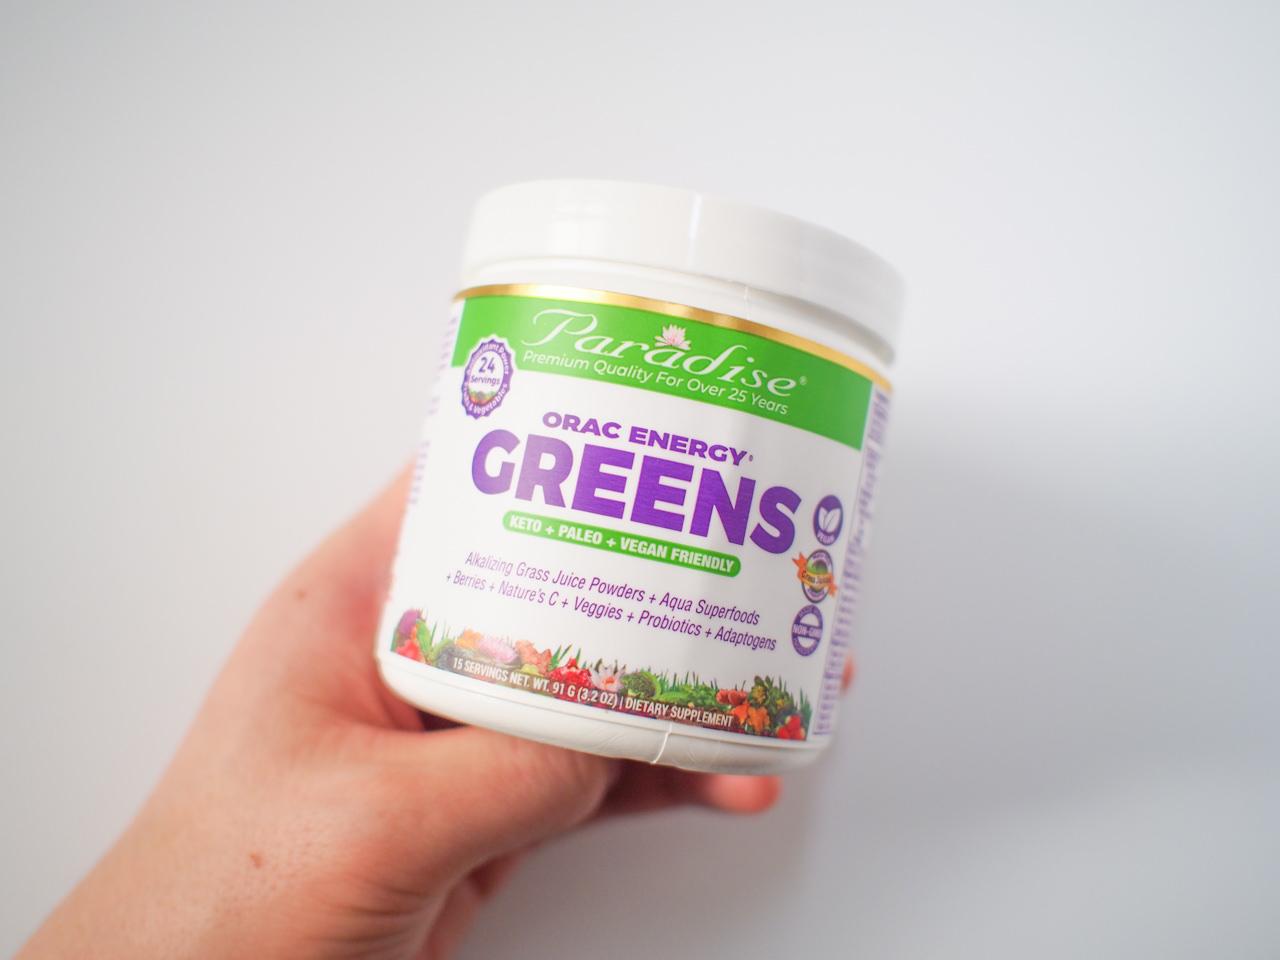 ORACエネルギーグリーンの青汁は酵素たっぷりで健康効果がすごい